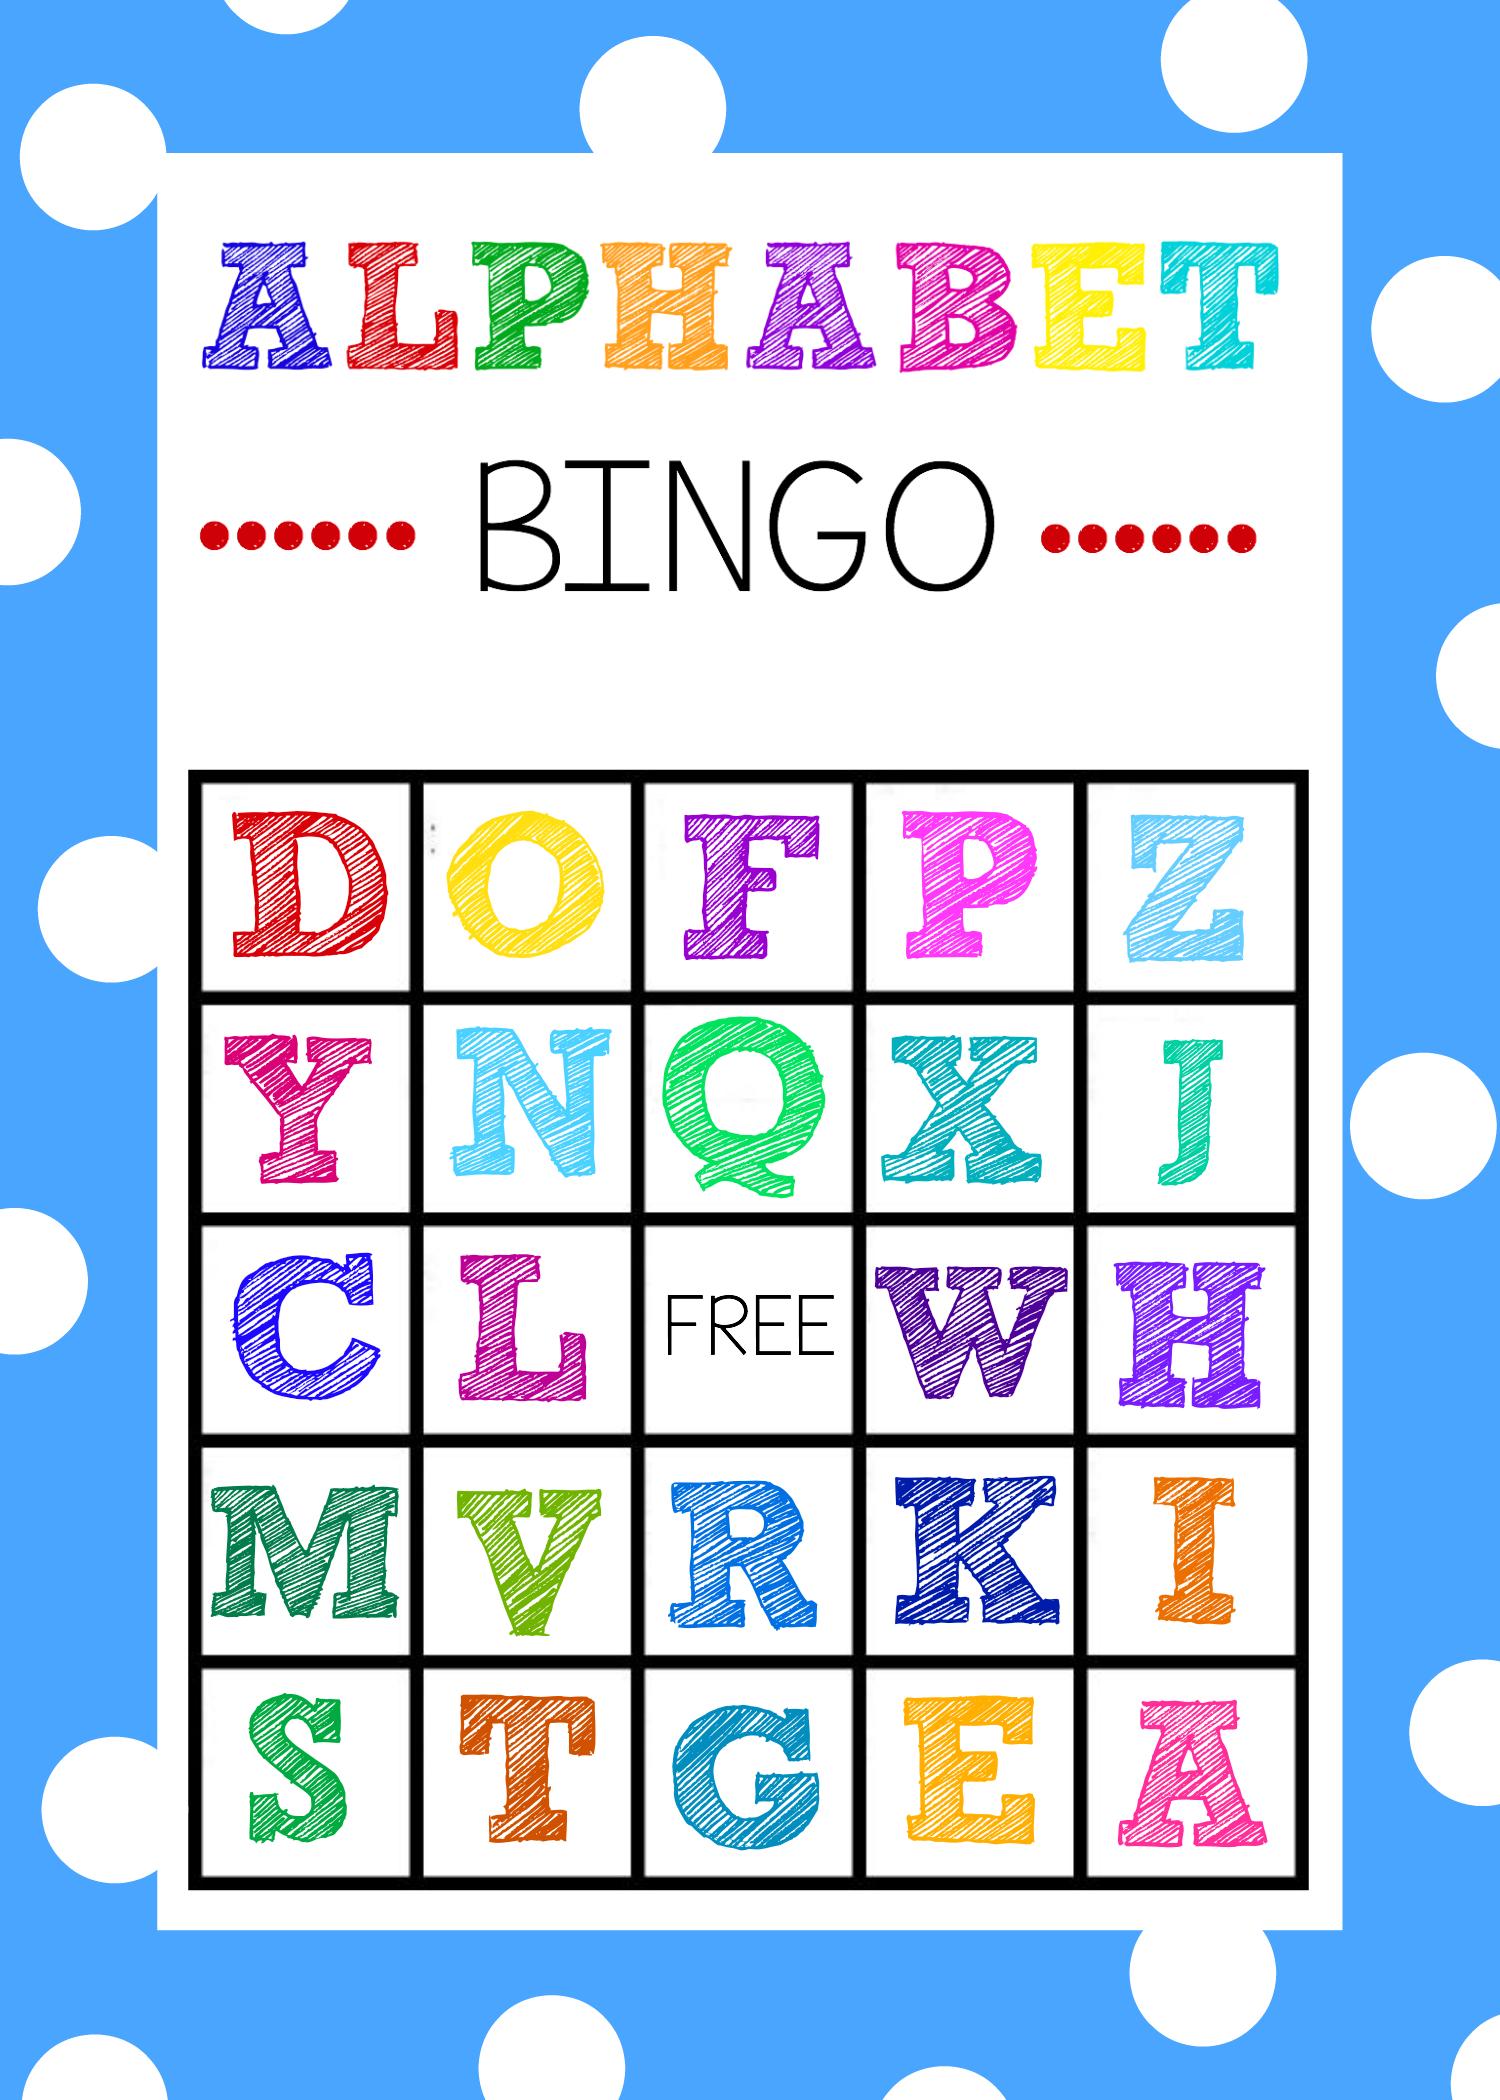 Free Printable Alphabet Bingo Game | Abc Games | Pinterest - Free Printable Alphabet Games